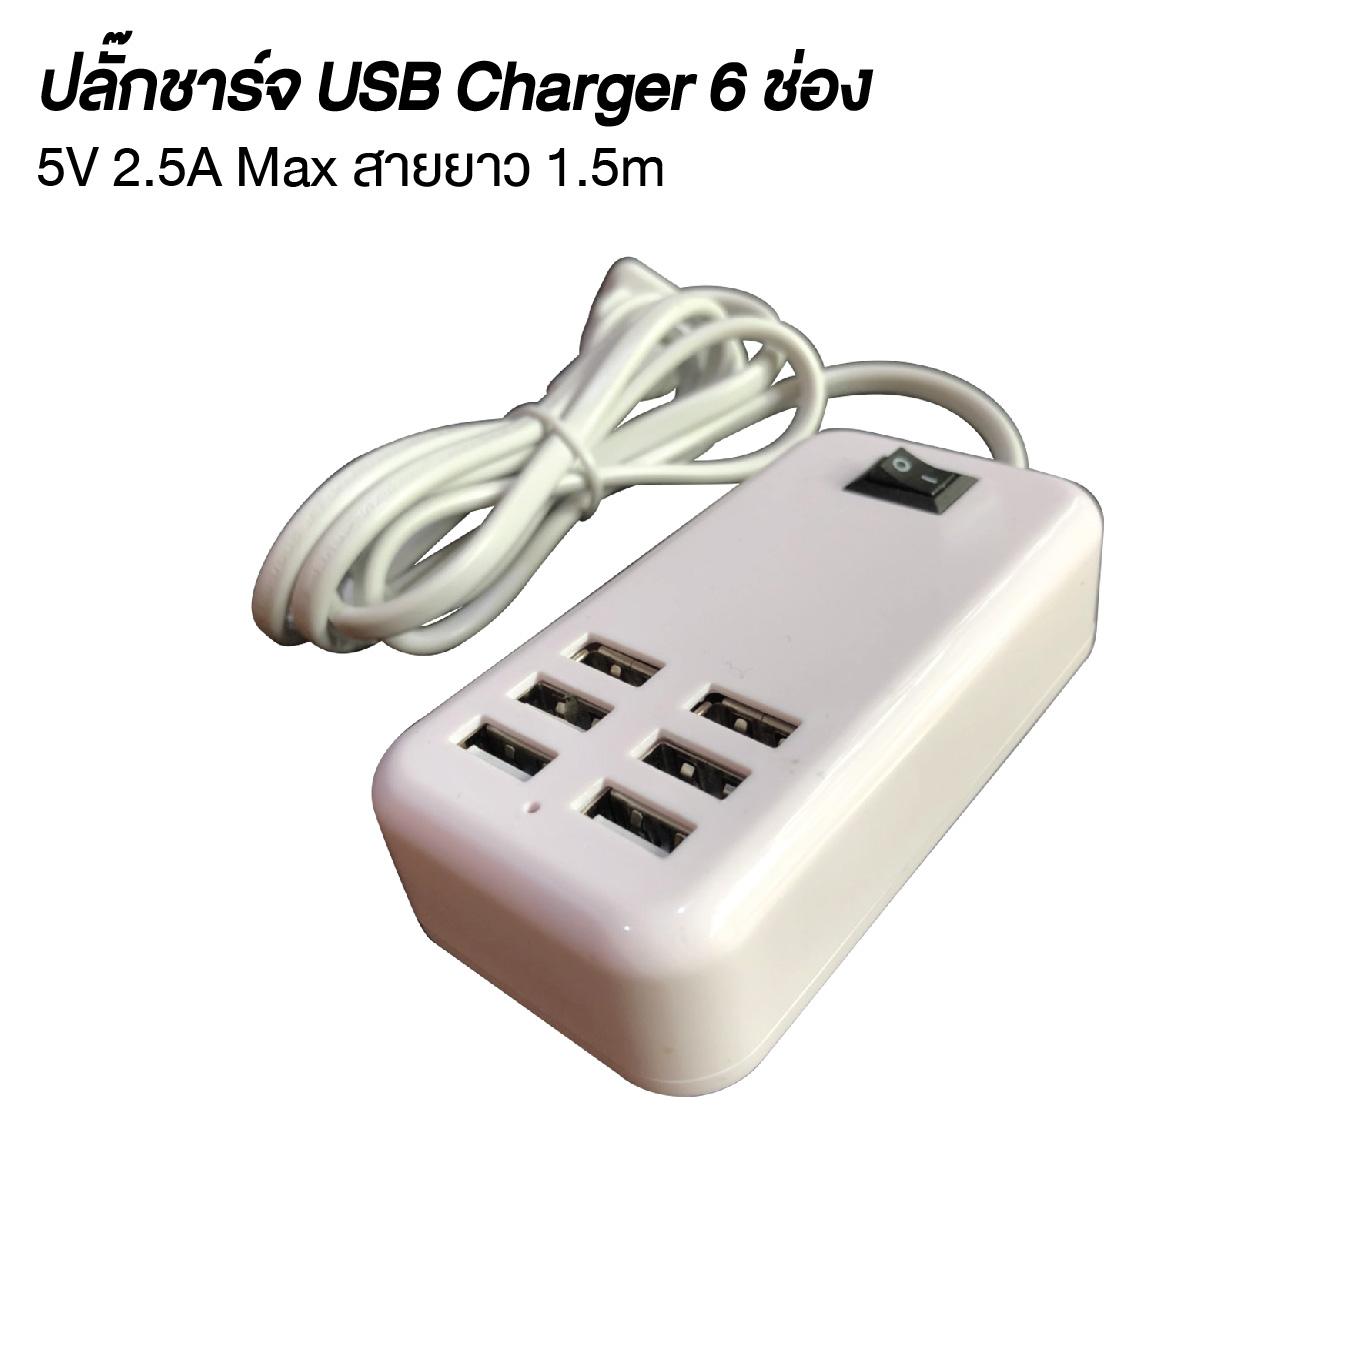 ปลั๊กชาร์จ USB Charger 6 ช่อง สำหรับเดินทาง 5V 2.5A Max สายยาว 1.5m สำหรับ iPhone Samsung iPad